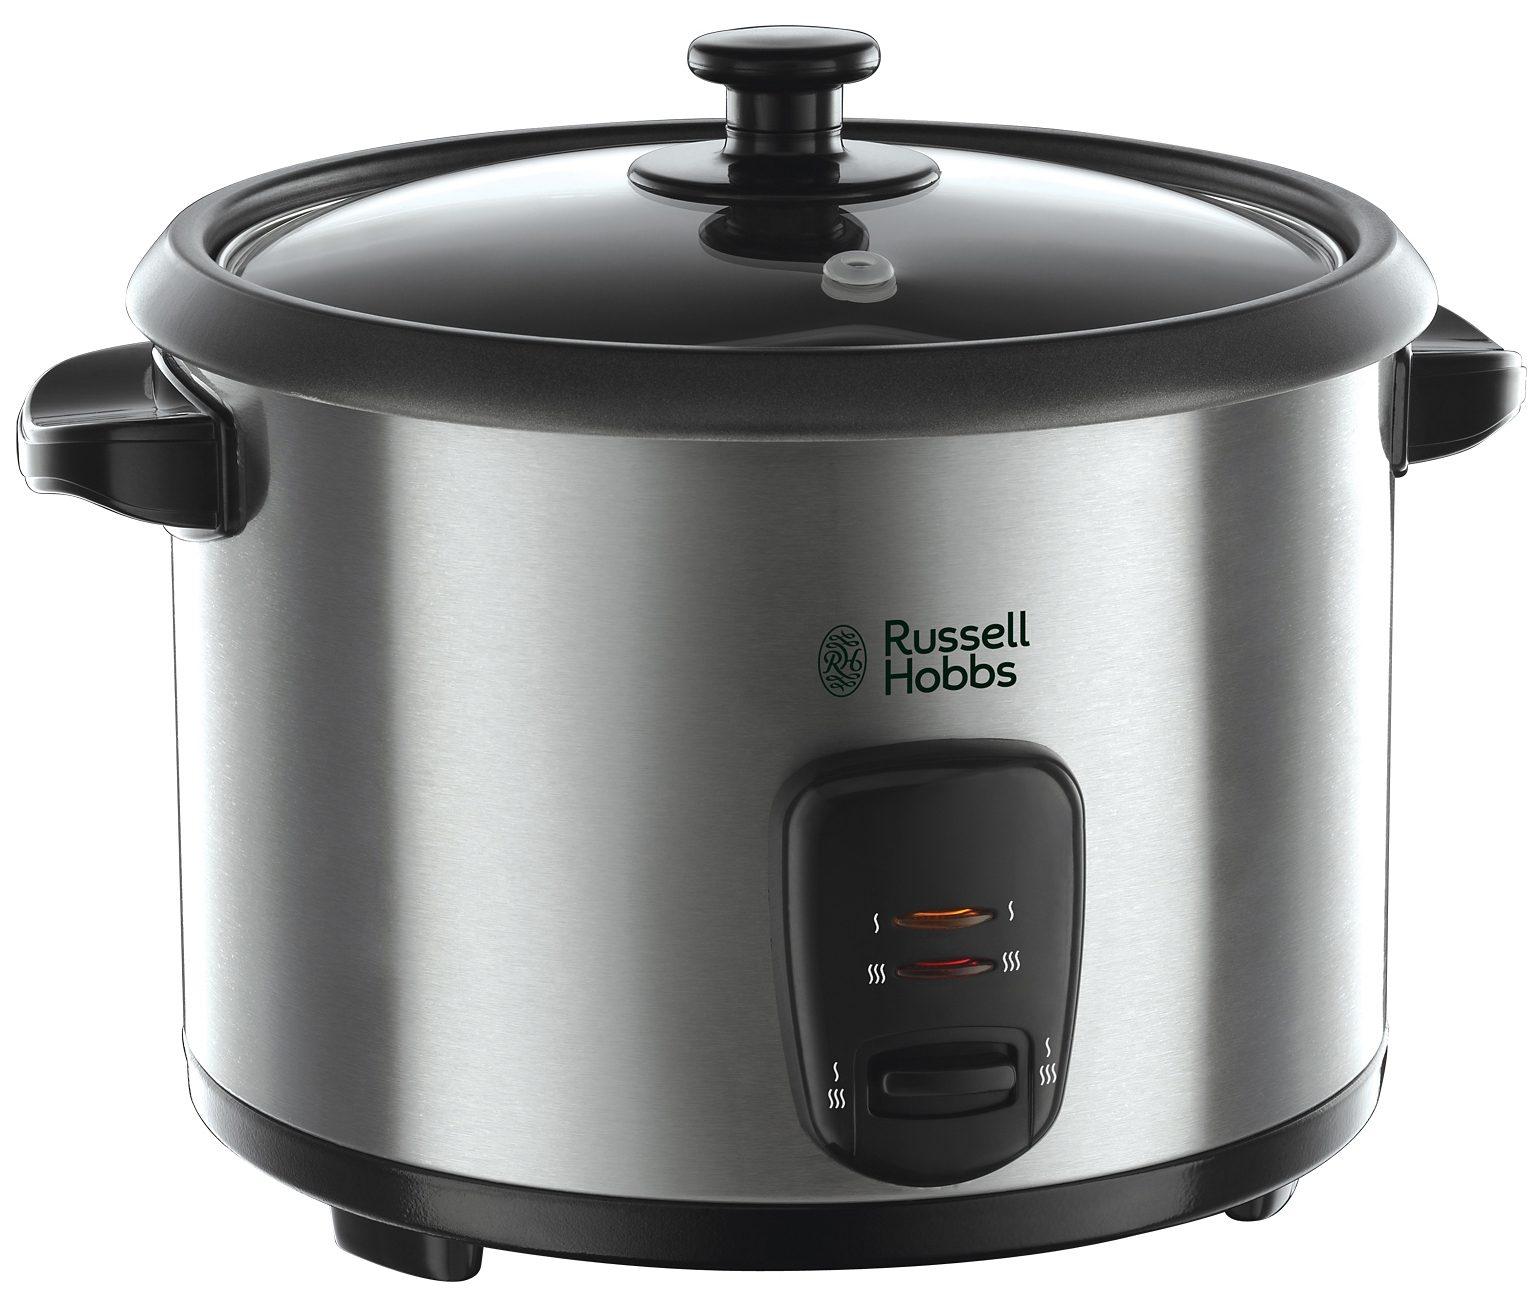 Russell Hobbs Reiskocher 19750-56 »Cook@Home», 1,8 Liter, mit zusätzlichem Dampfkorb